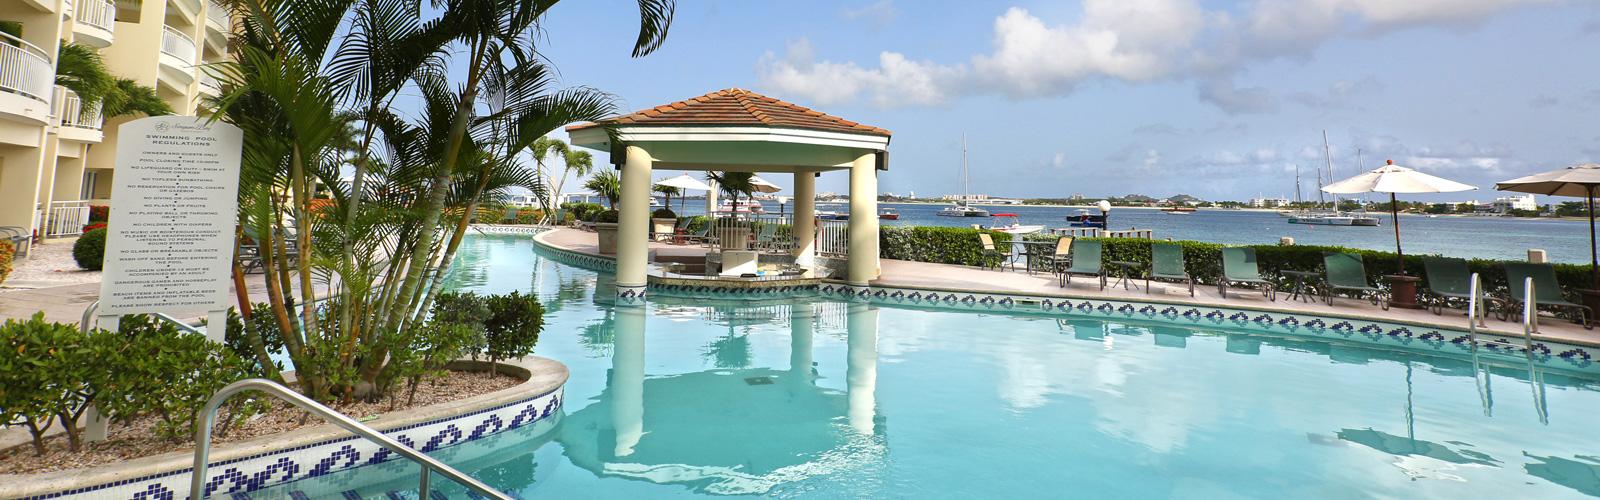 Webcams, Les Villas à Simpson Bay Resort à St. Maarten